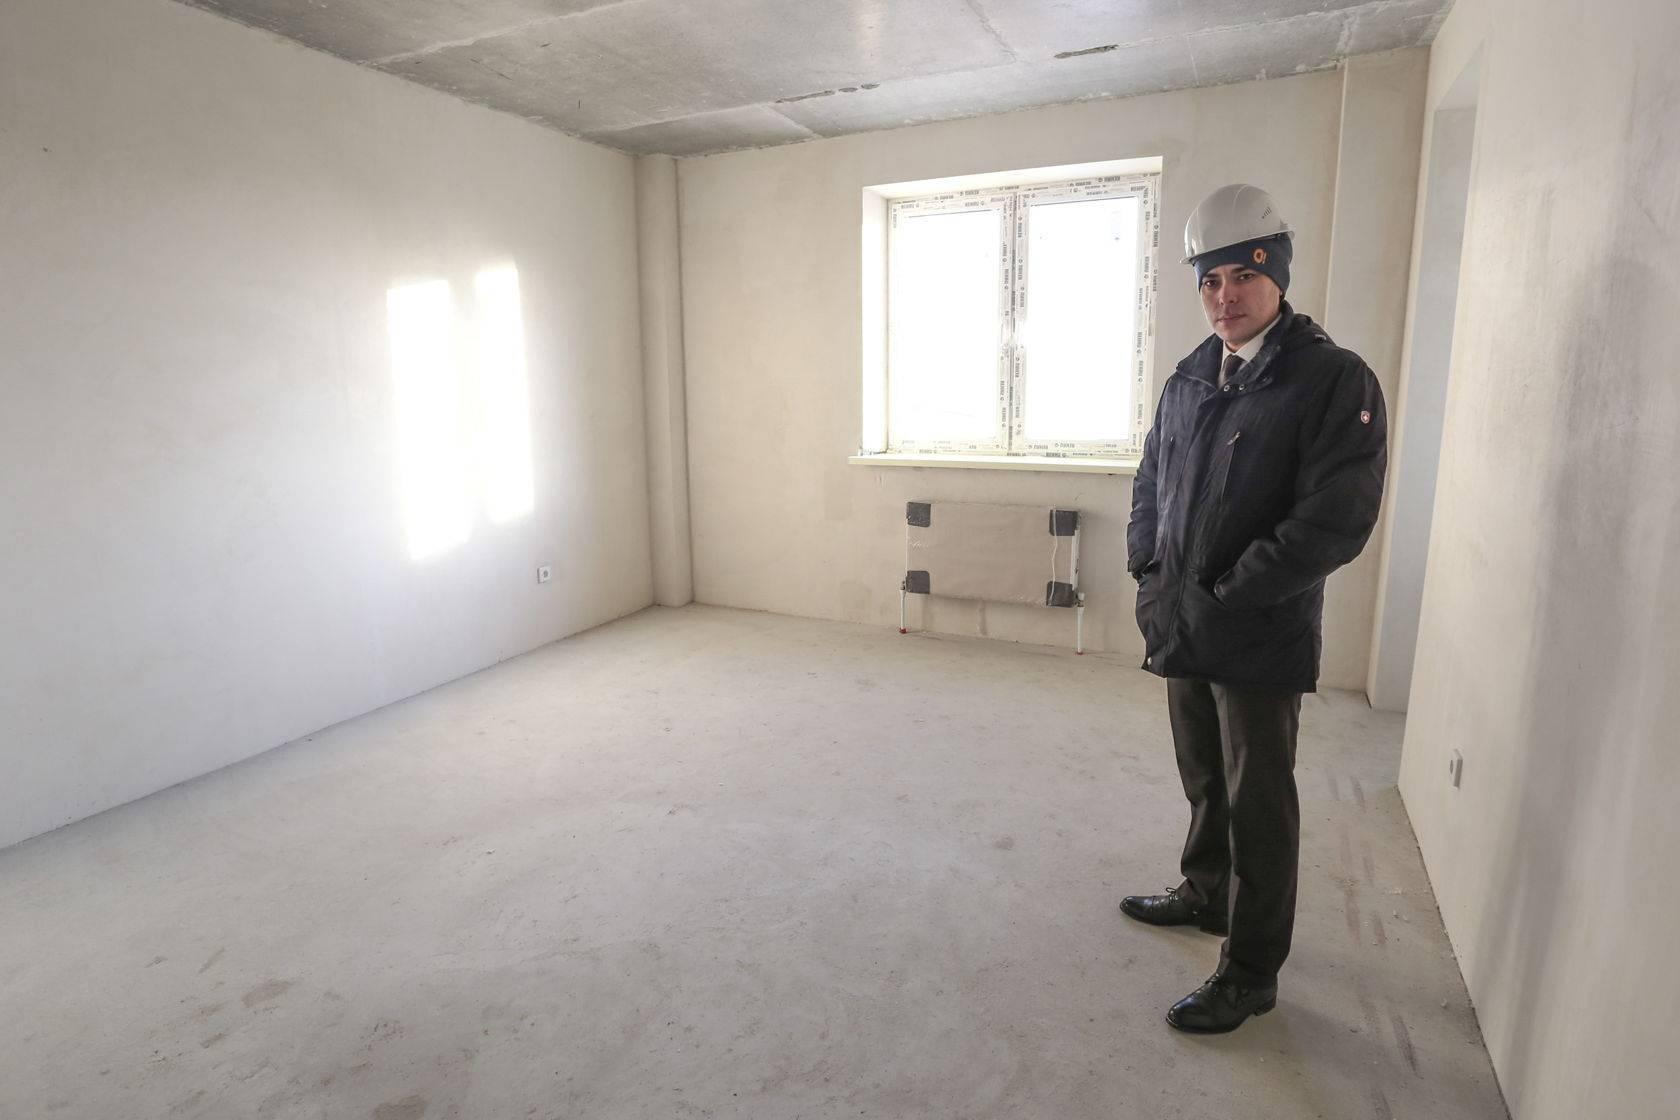 Черновая отделка квартиры в новостройке — как ее сделать?